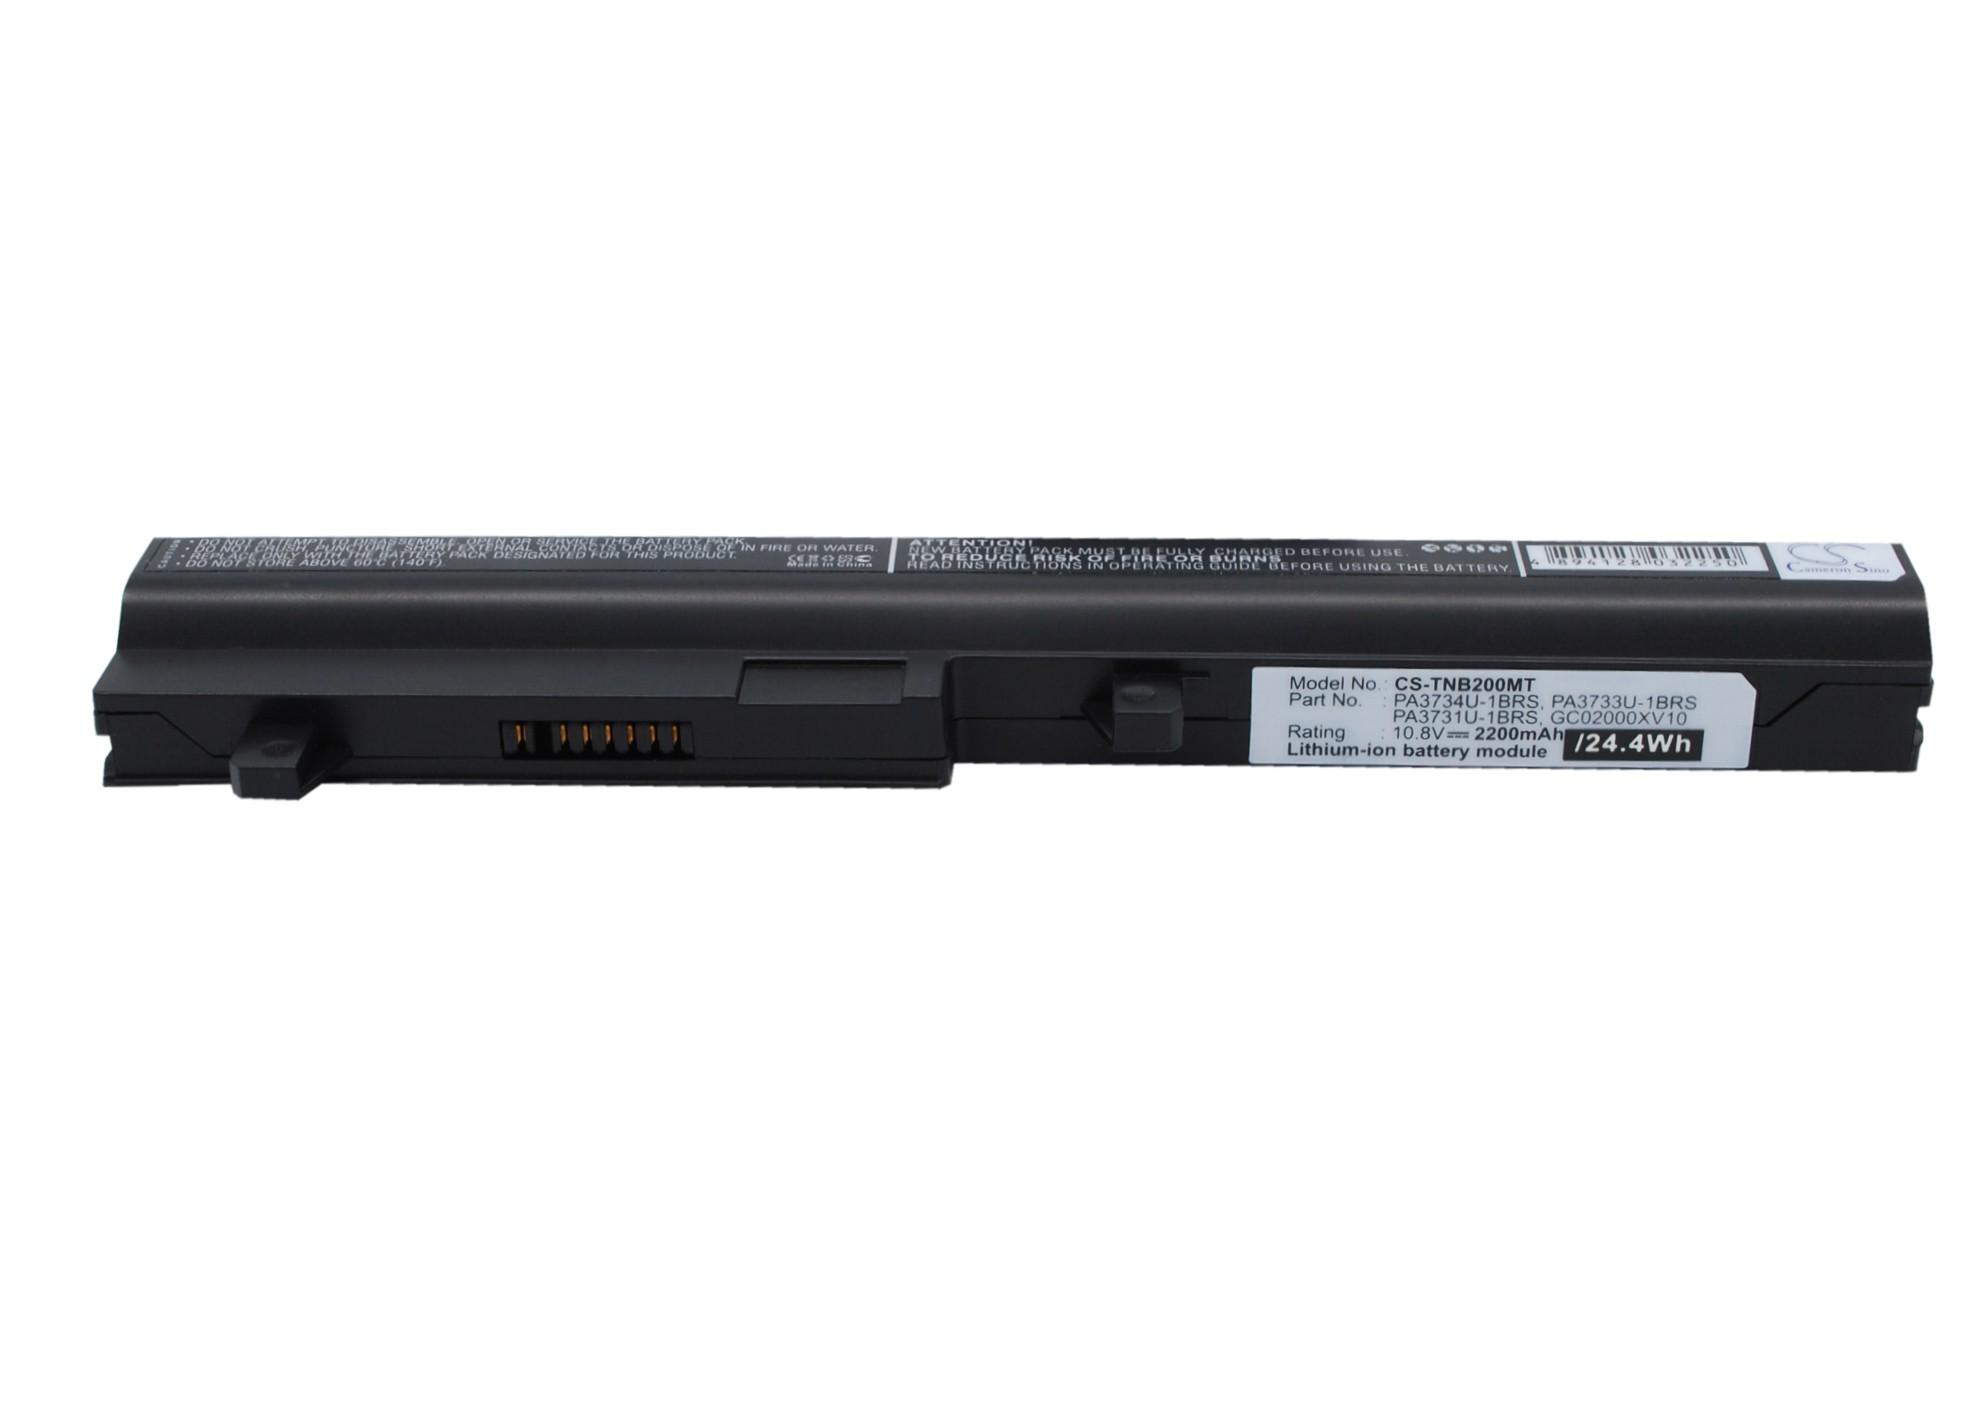 Cameron Sino baterie do netbooků pro TOSHIBA Satellite NB200-11L 10.8V Li-ion 2200mAh černá - neoriginální